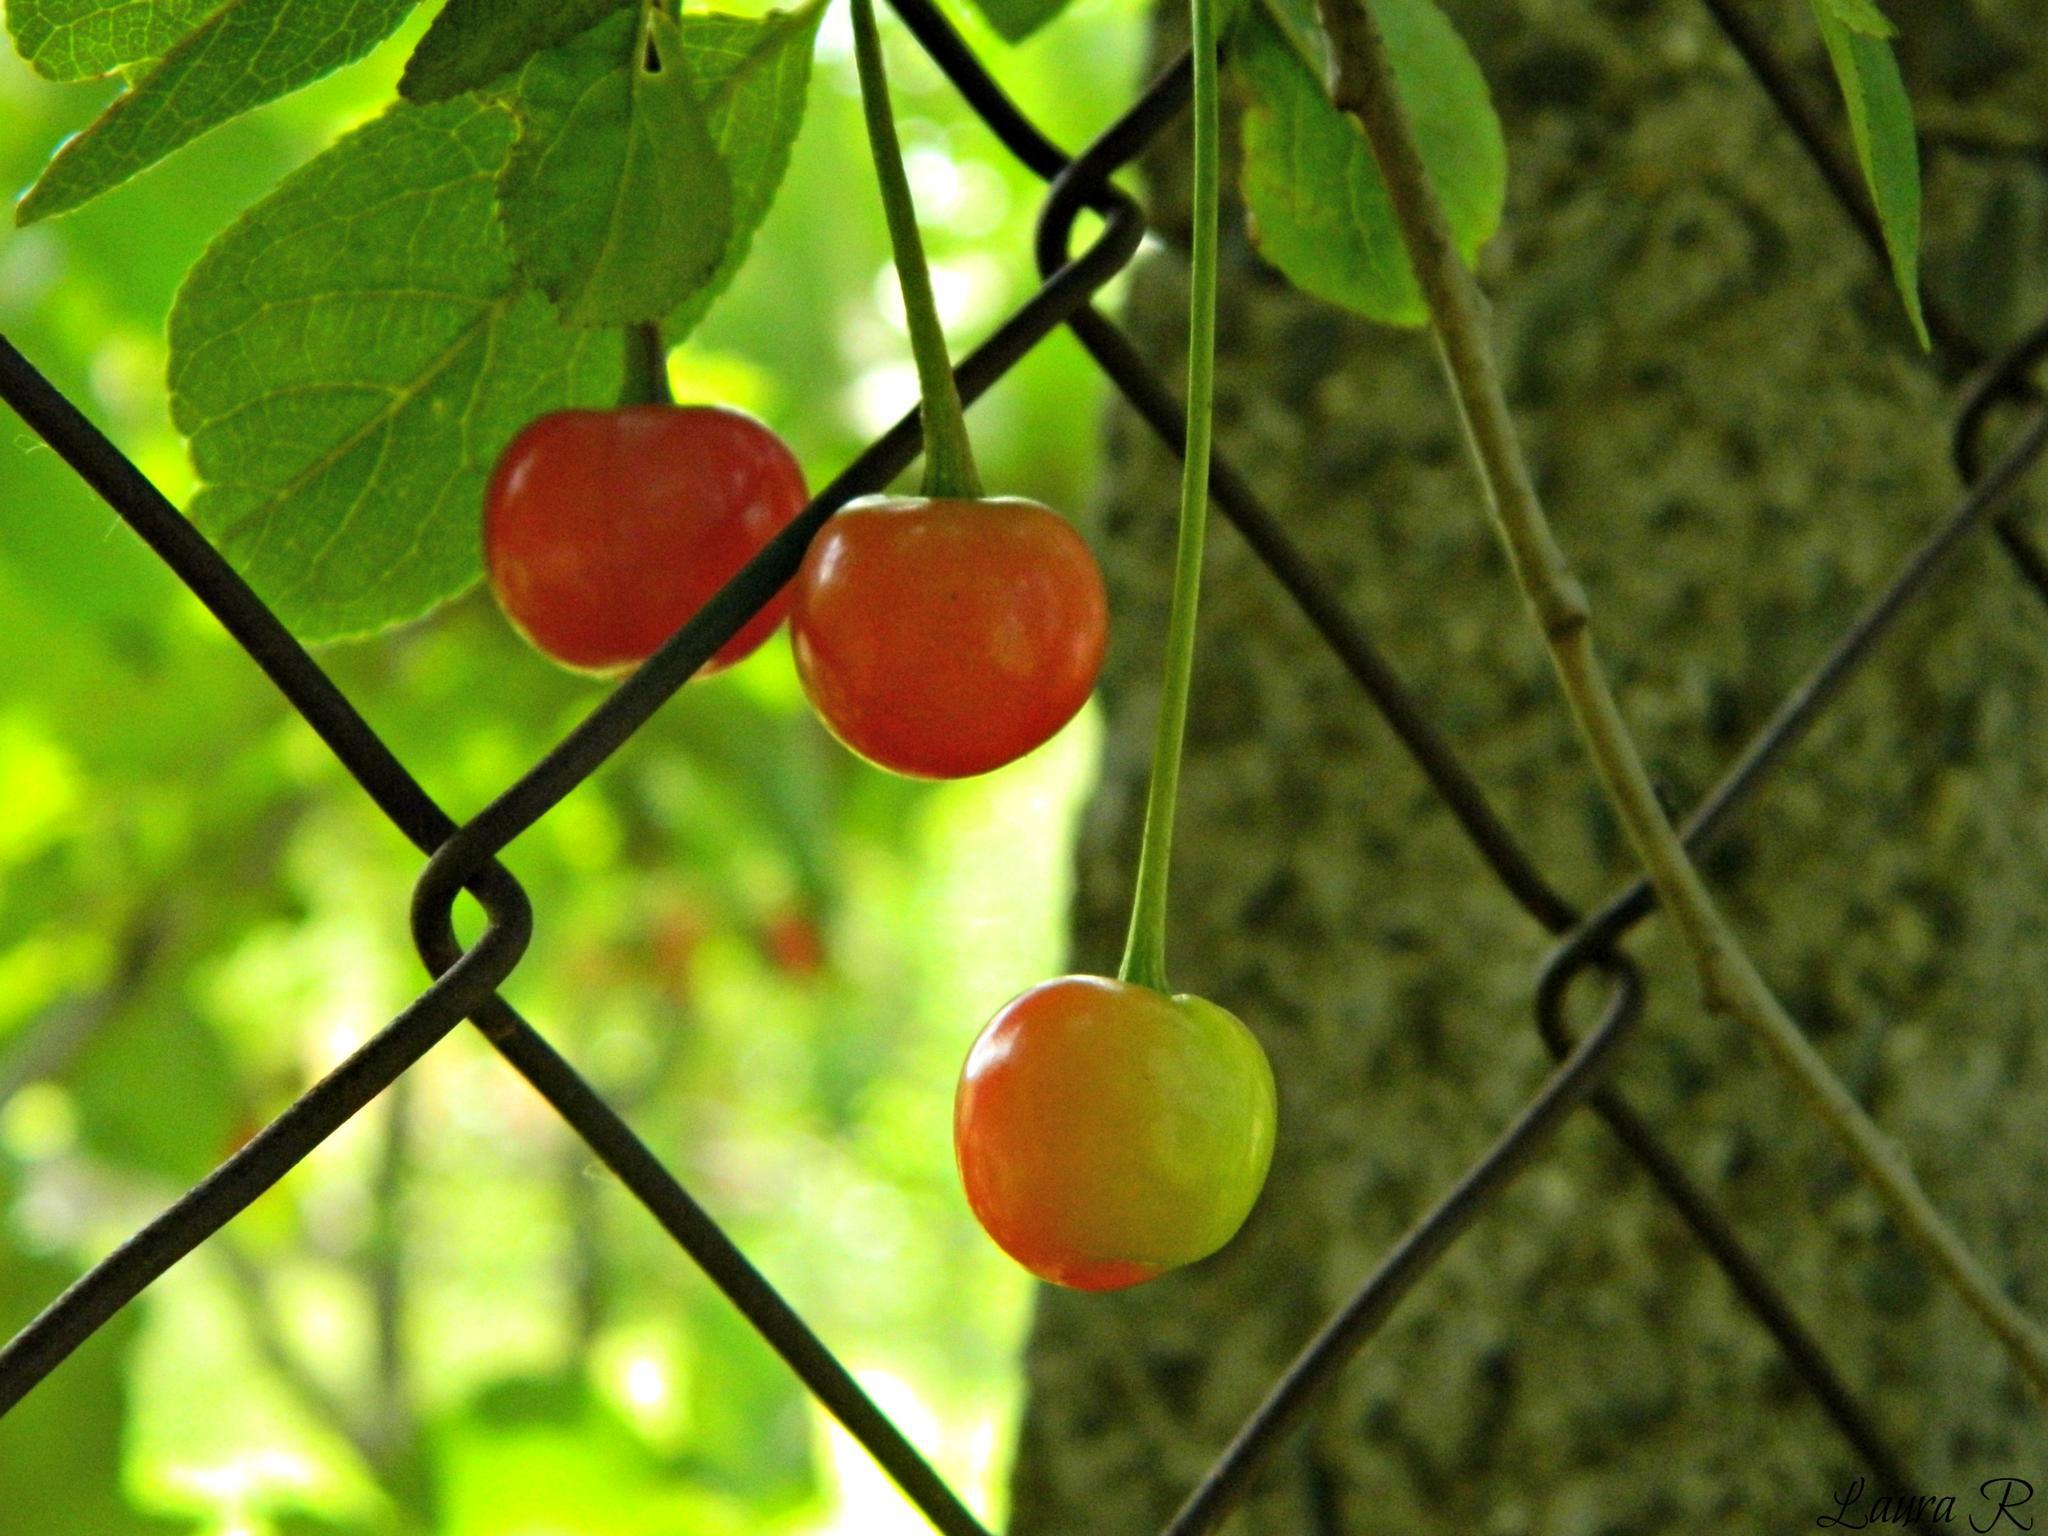 cherry by Rusu Laura Mihaela